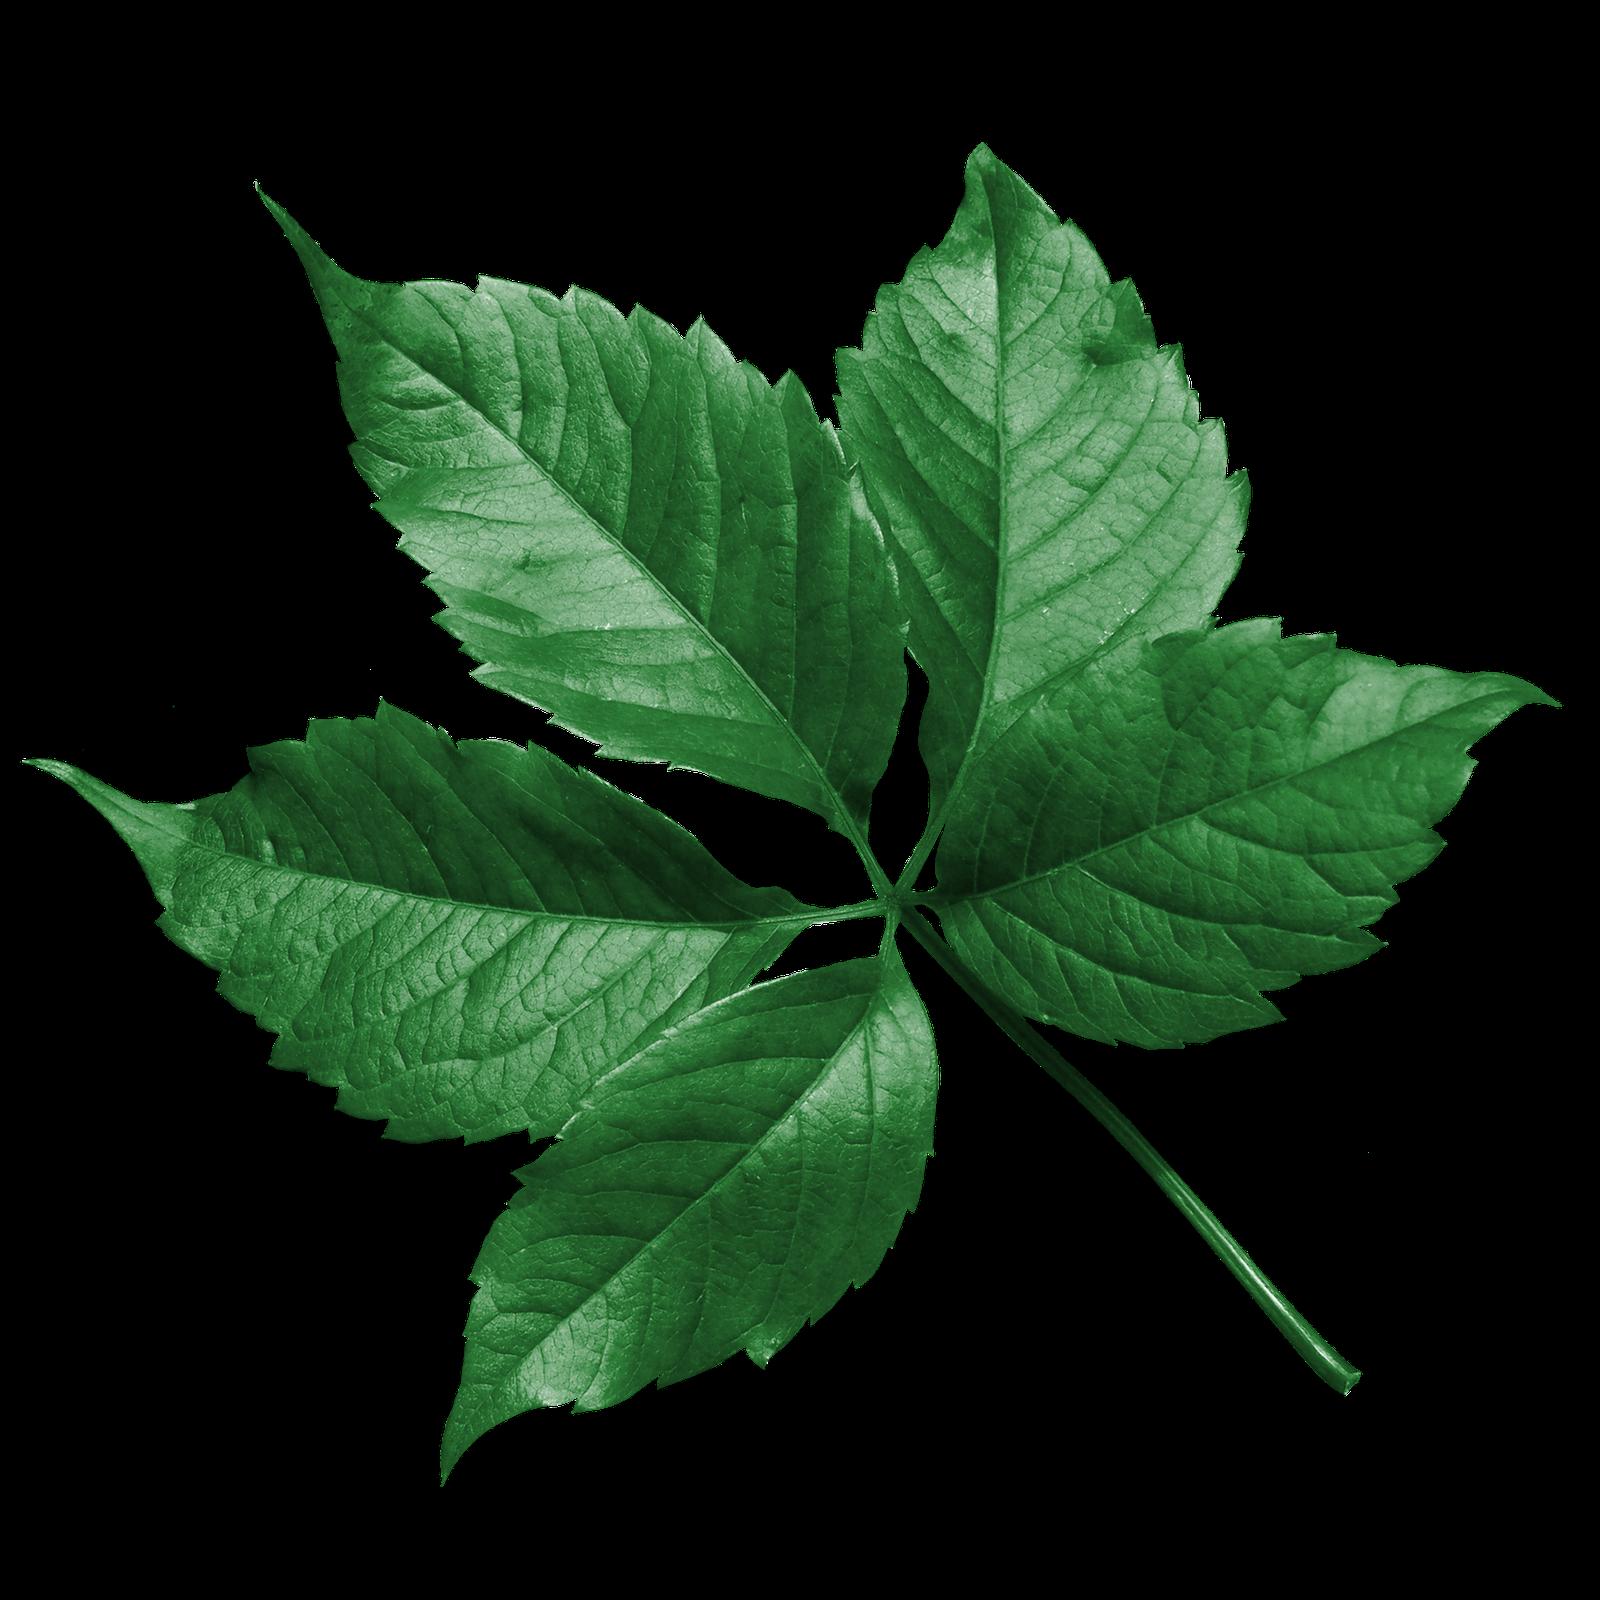 Cambios alarmantes en el ciclo de las hojas a nivel - Plantas de hojas verdes ...